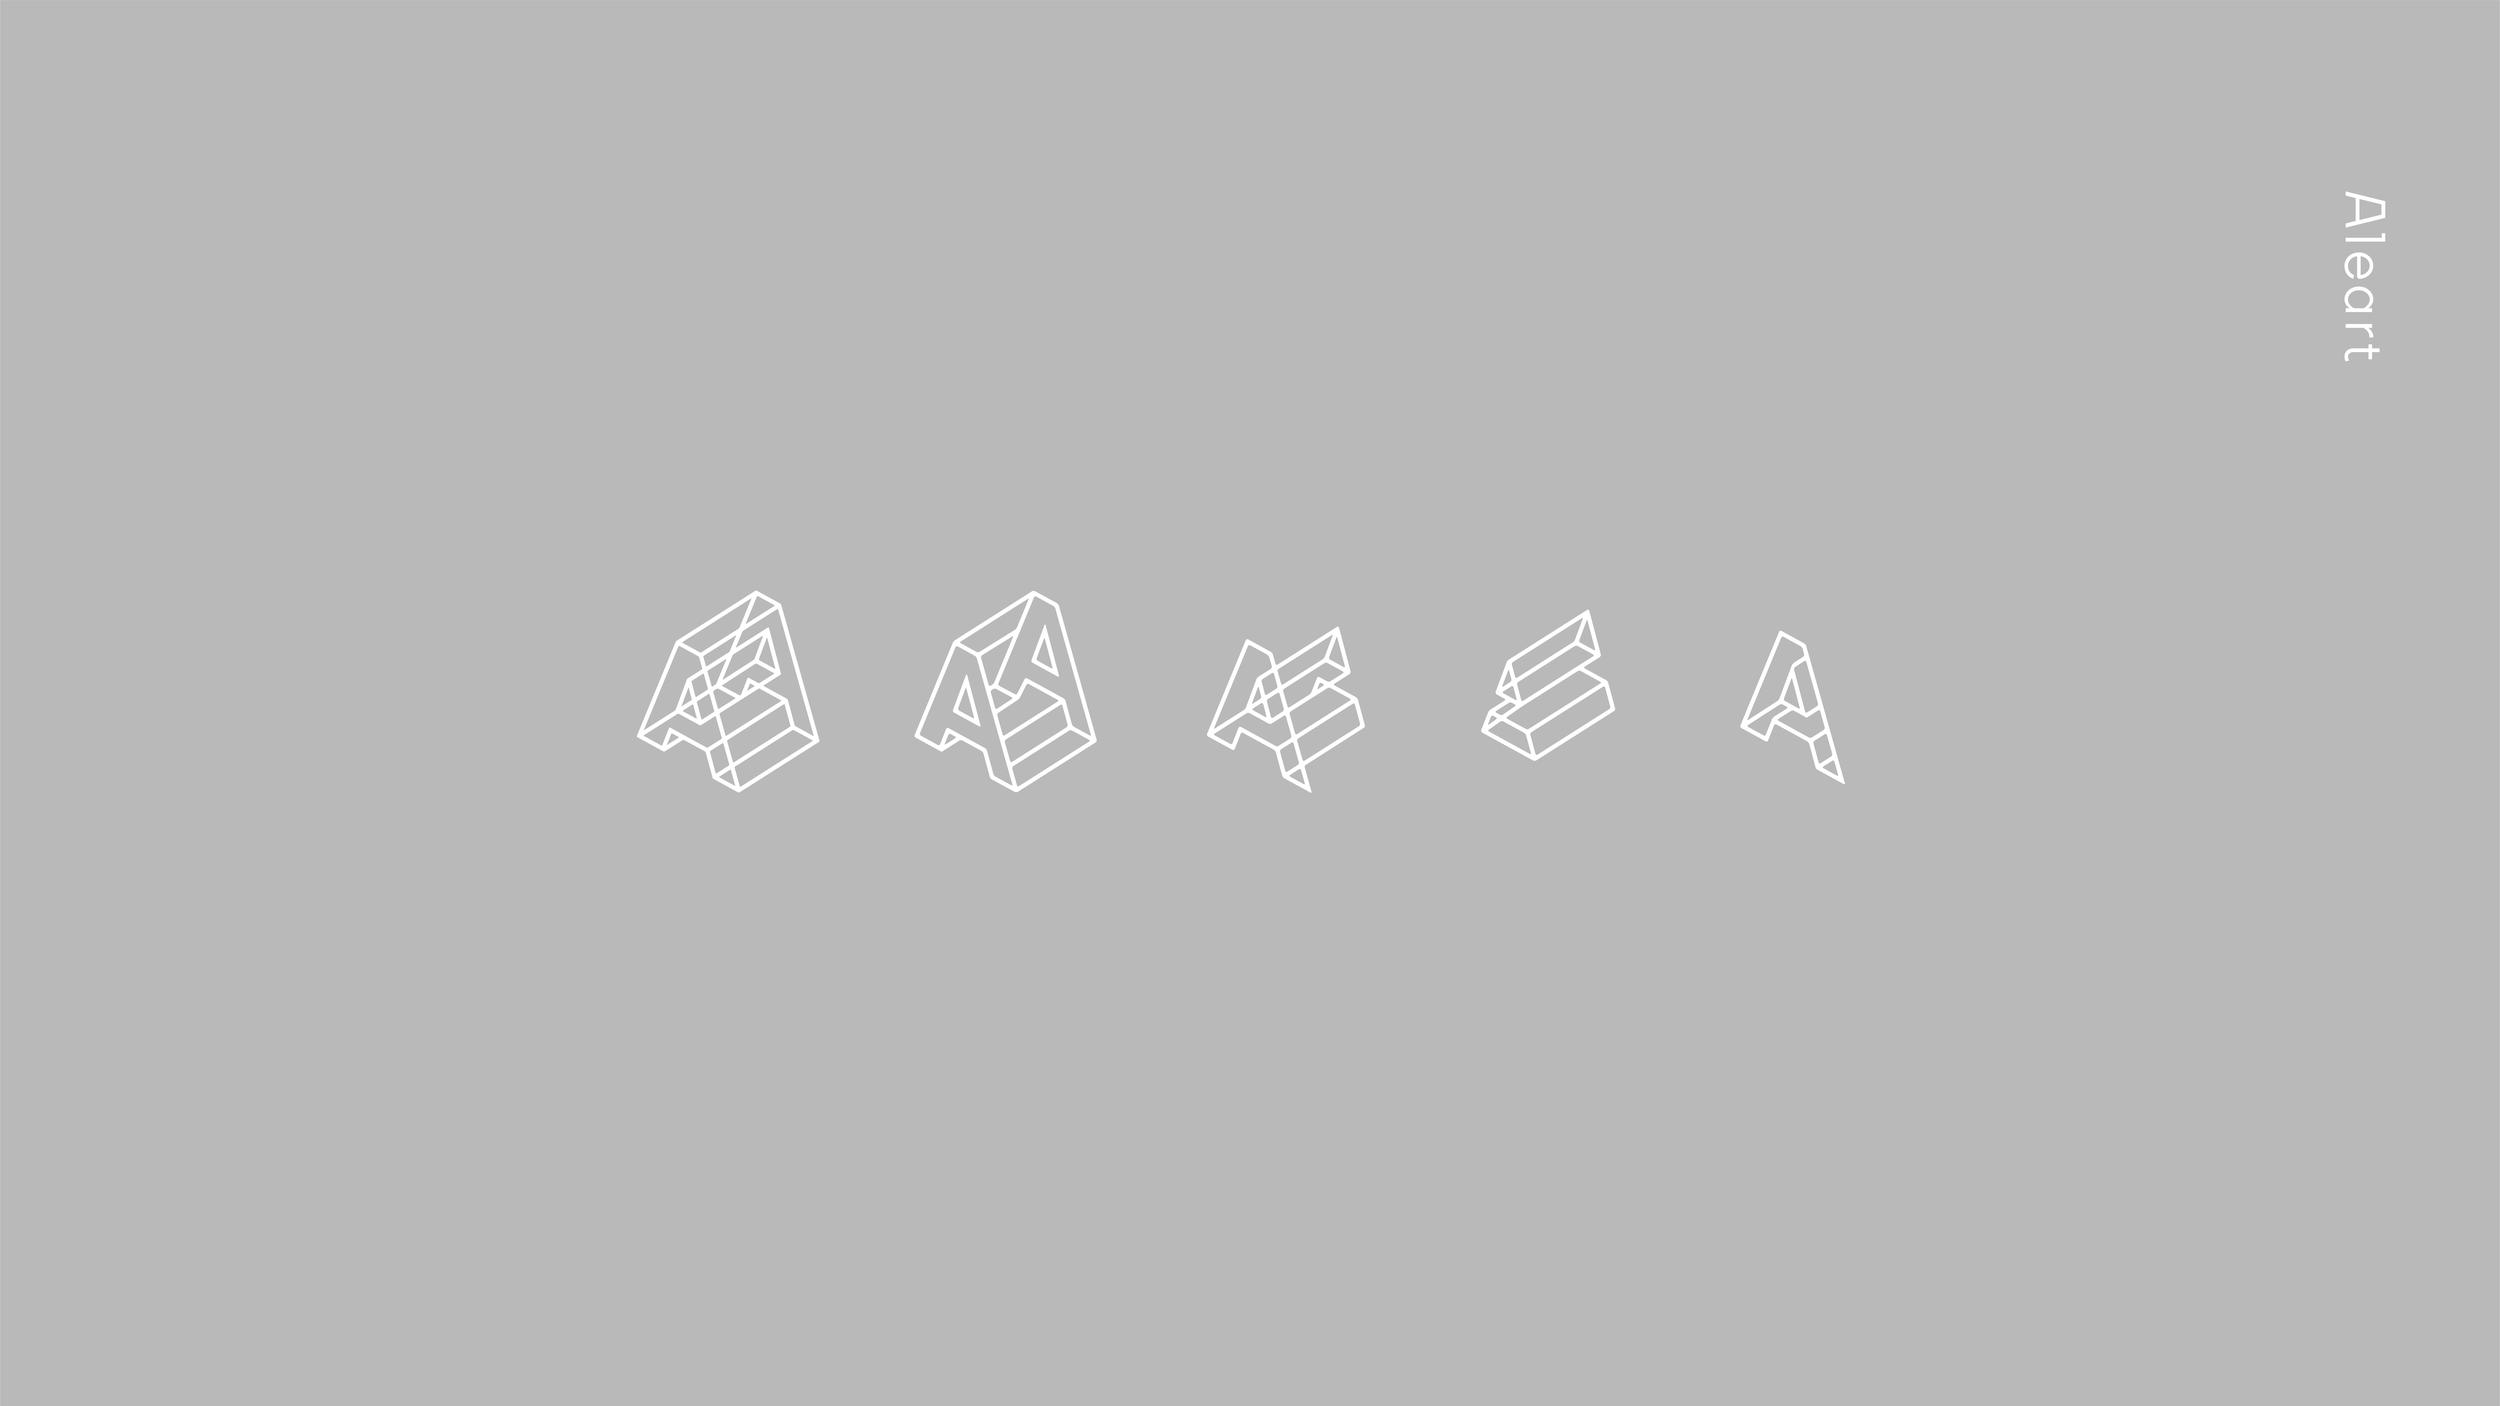 Aleart  Exhibition design company's identity